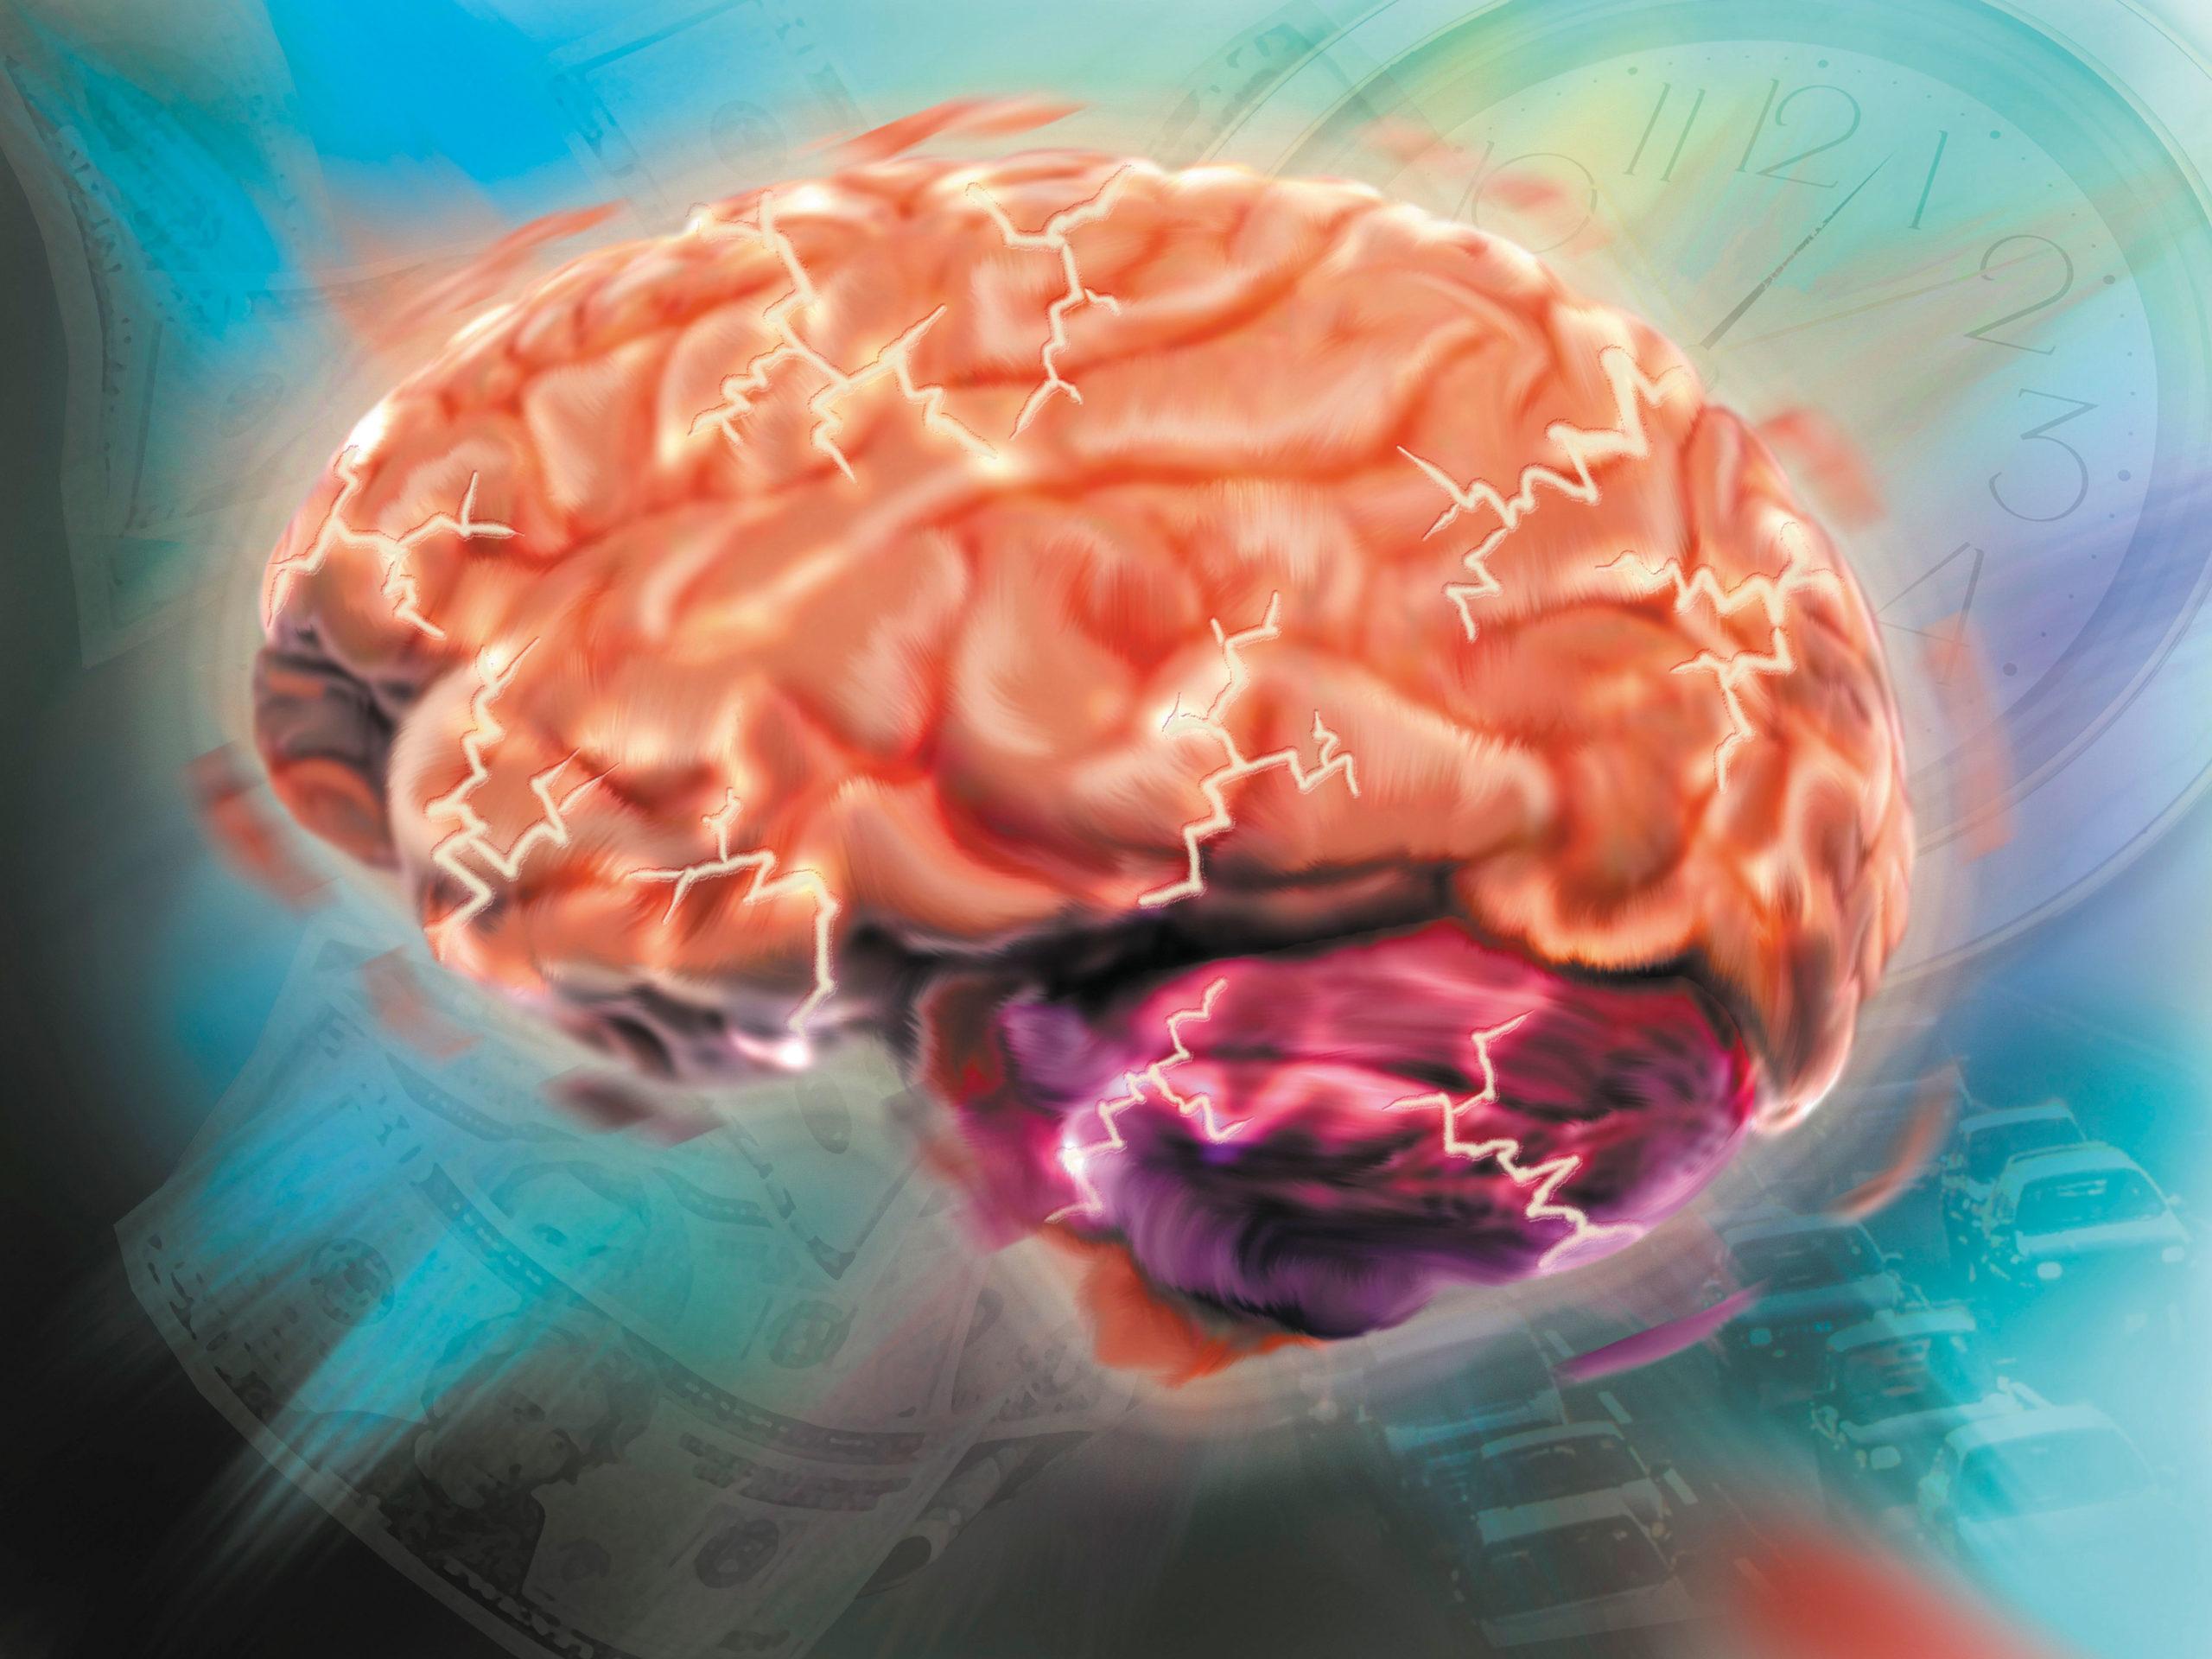 Препараты при ишемии головного мозга отзывы - Медицинский ...